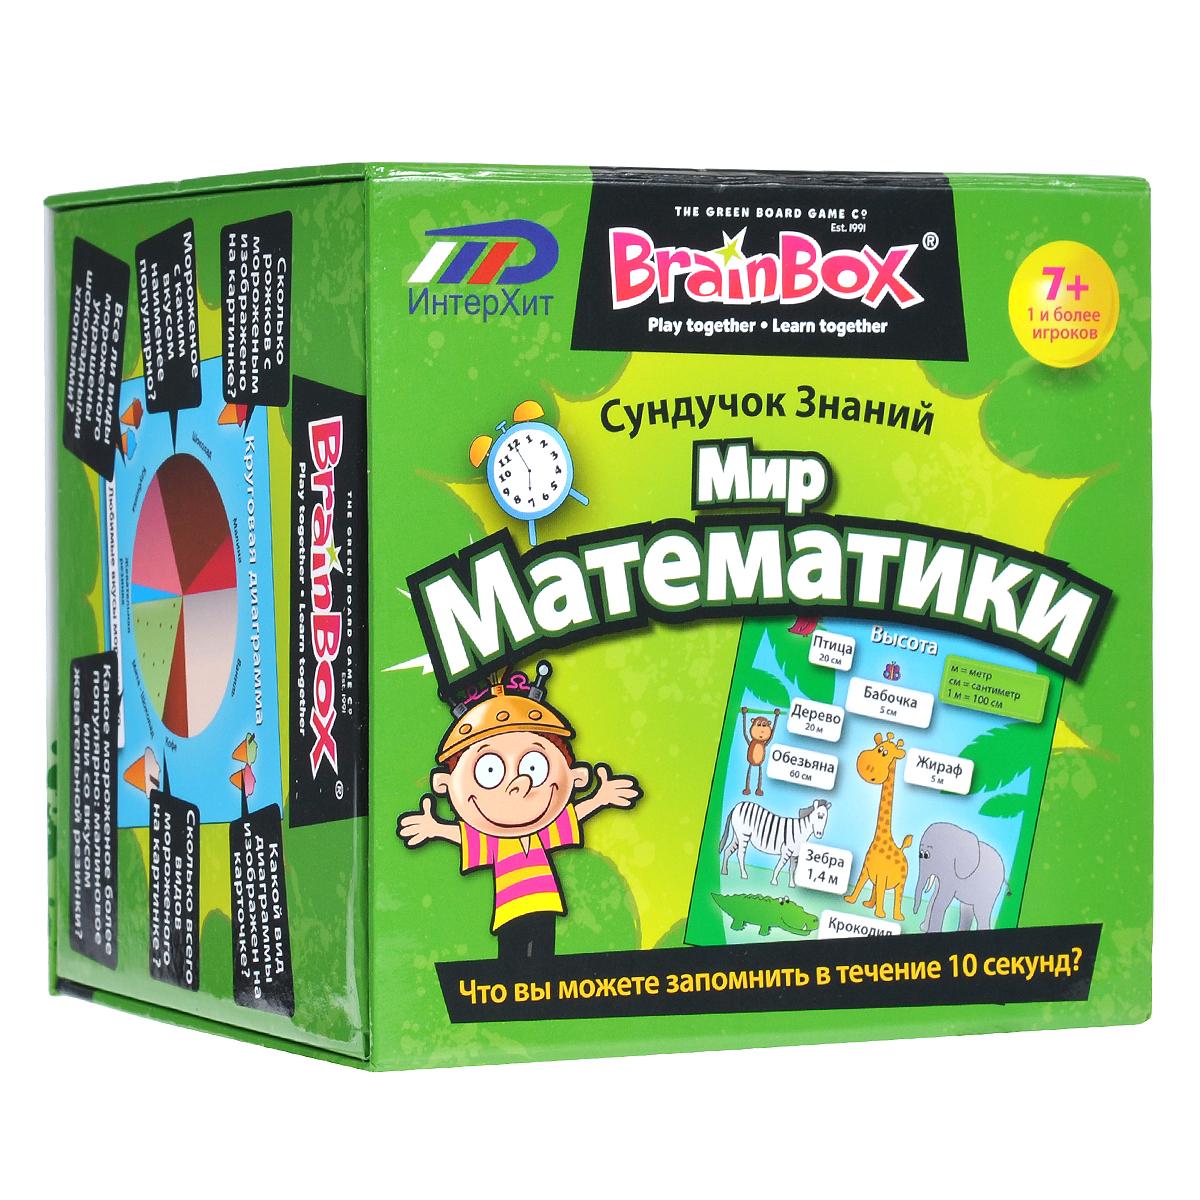 BrainBox Настольная игра Сундучок знаний Мир математики90718Настольная игра Сундучок знаний: Мир математики - это десятиминутный вызов уму и памяти. Игра включает 55 карточек, направленных на изучение математических процессов, песочные часы, игральный кубик и карточку с правилами игры на русском языке. Каждая карточка содержит название, связанное с цифрами, картинки и на обратной стороне - вопросы, ответы на которые можно найти в картинках. Необходимо перевернуть песочные часы и изучить картинки в течение десяти секунд. Затем перевернуть карточку, бросить игральный кубик и ответить на вопрос, порядковый номер которого равен количеству выпавших на кубике очков. Если ответ верен, игрок забирает карточку, если нет - возвращает в коробку. По прошествии десяти минут производится подсчет накопившихся карточек. В эту игру можно играть как одному, так и в компании двух и более игроков. Как показывает практика, уже через 5 минут от игры не получается оторваться и взрослым людям, поэтому не удивительно, что игра является хитом продаж во...